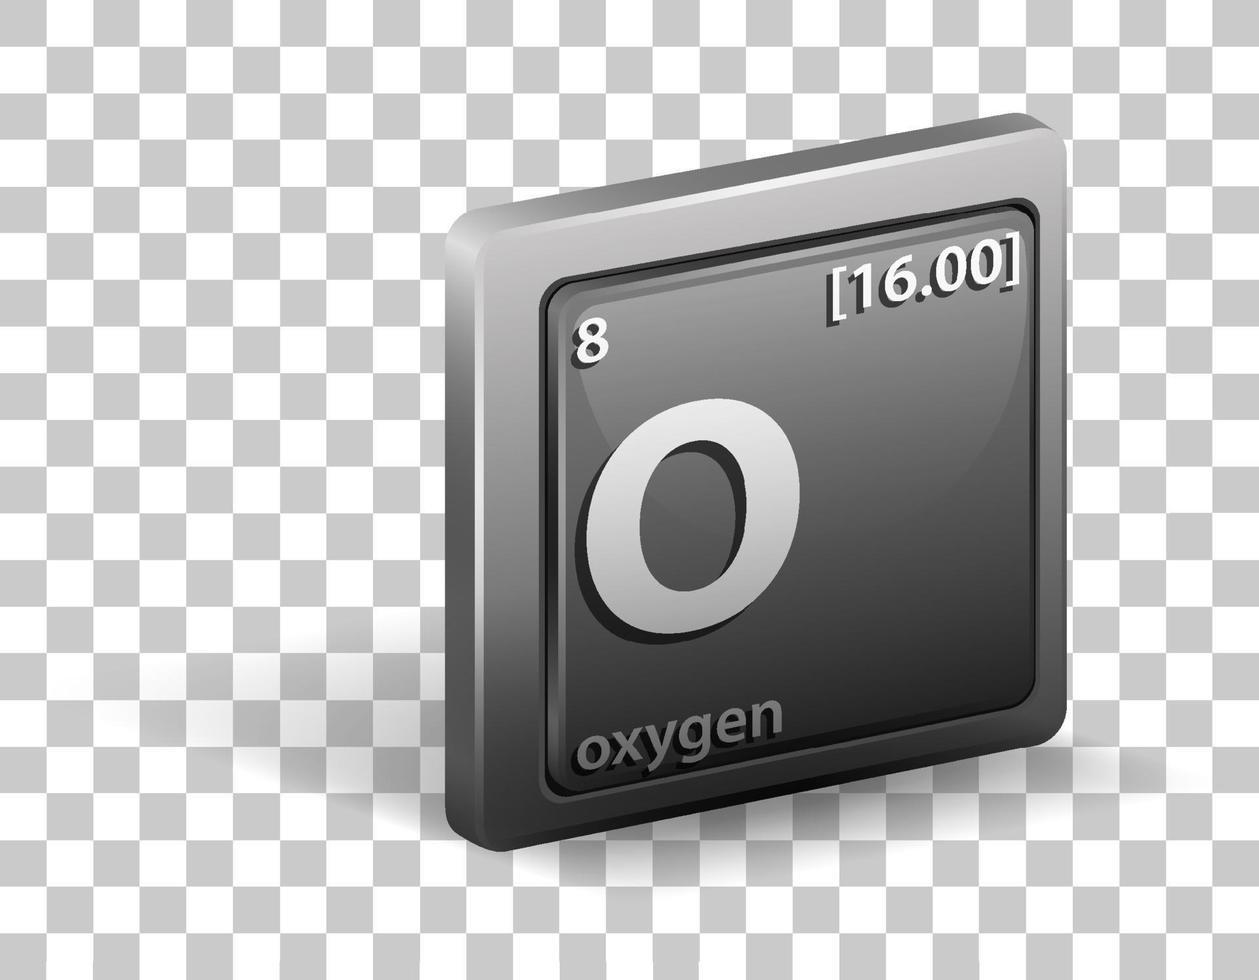 élément chimique oxegen vecteur